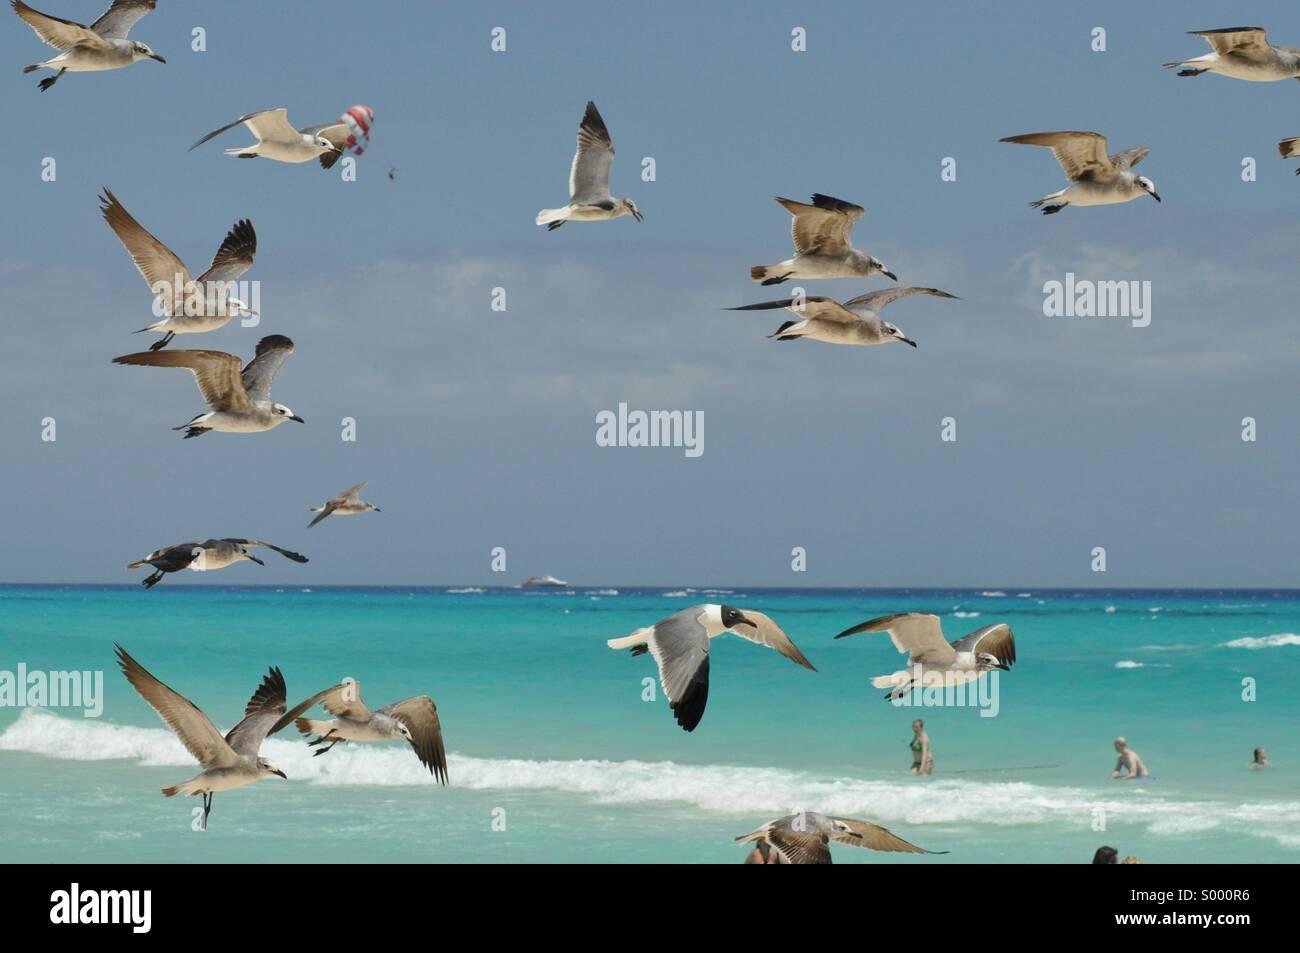 Playacar Mexico - Stock Image